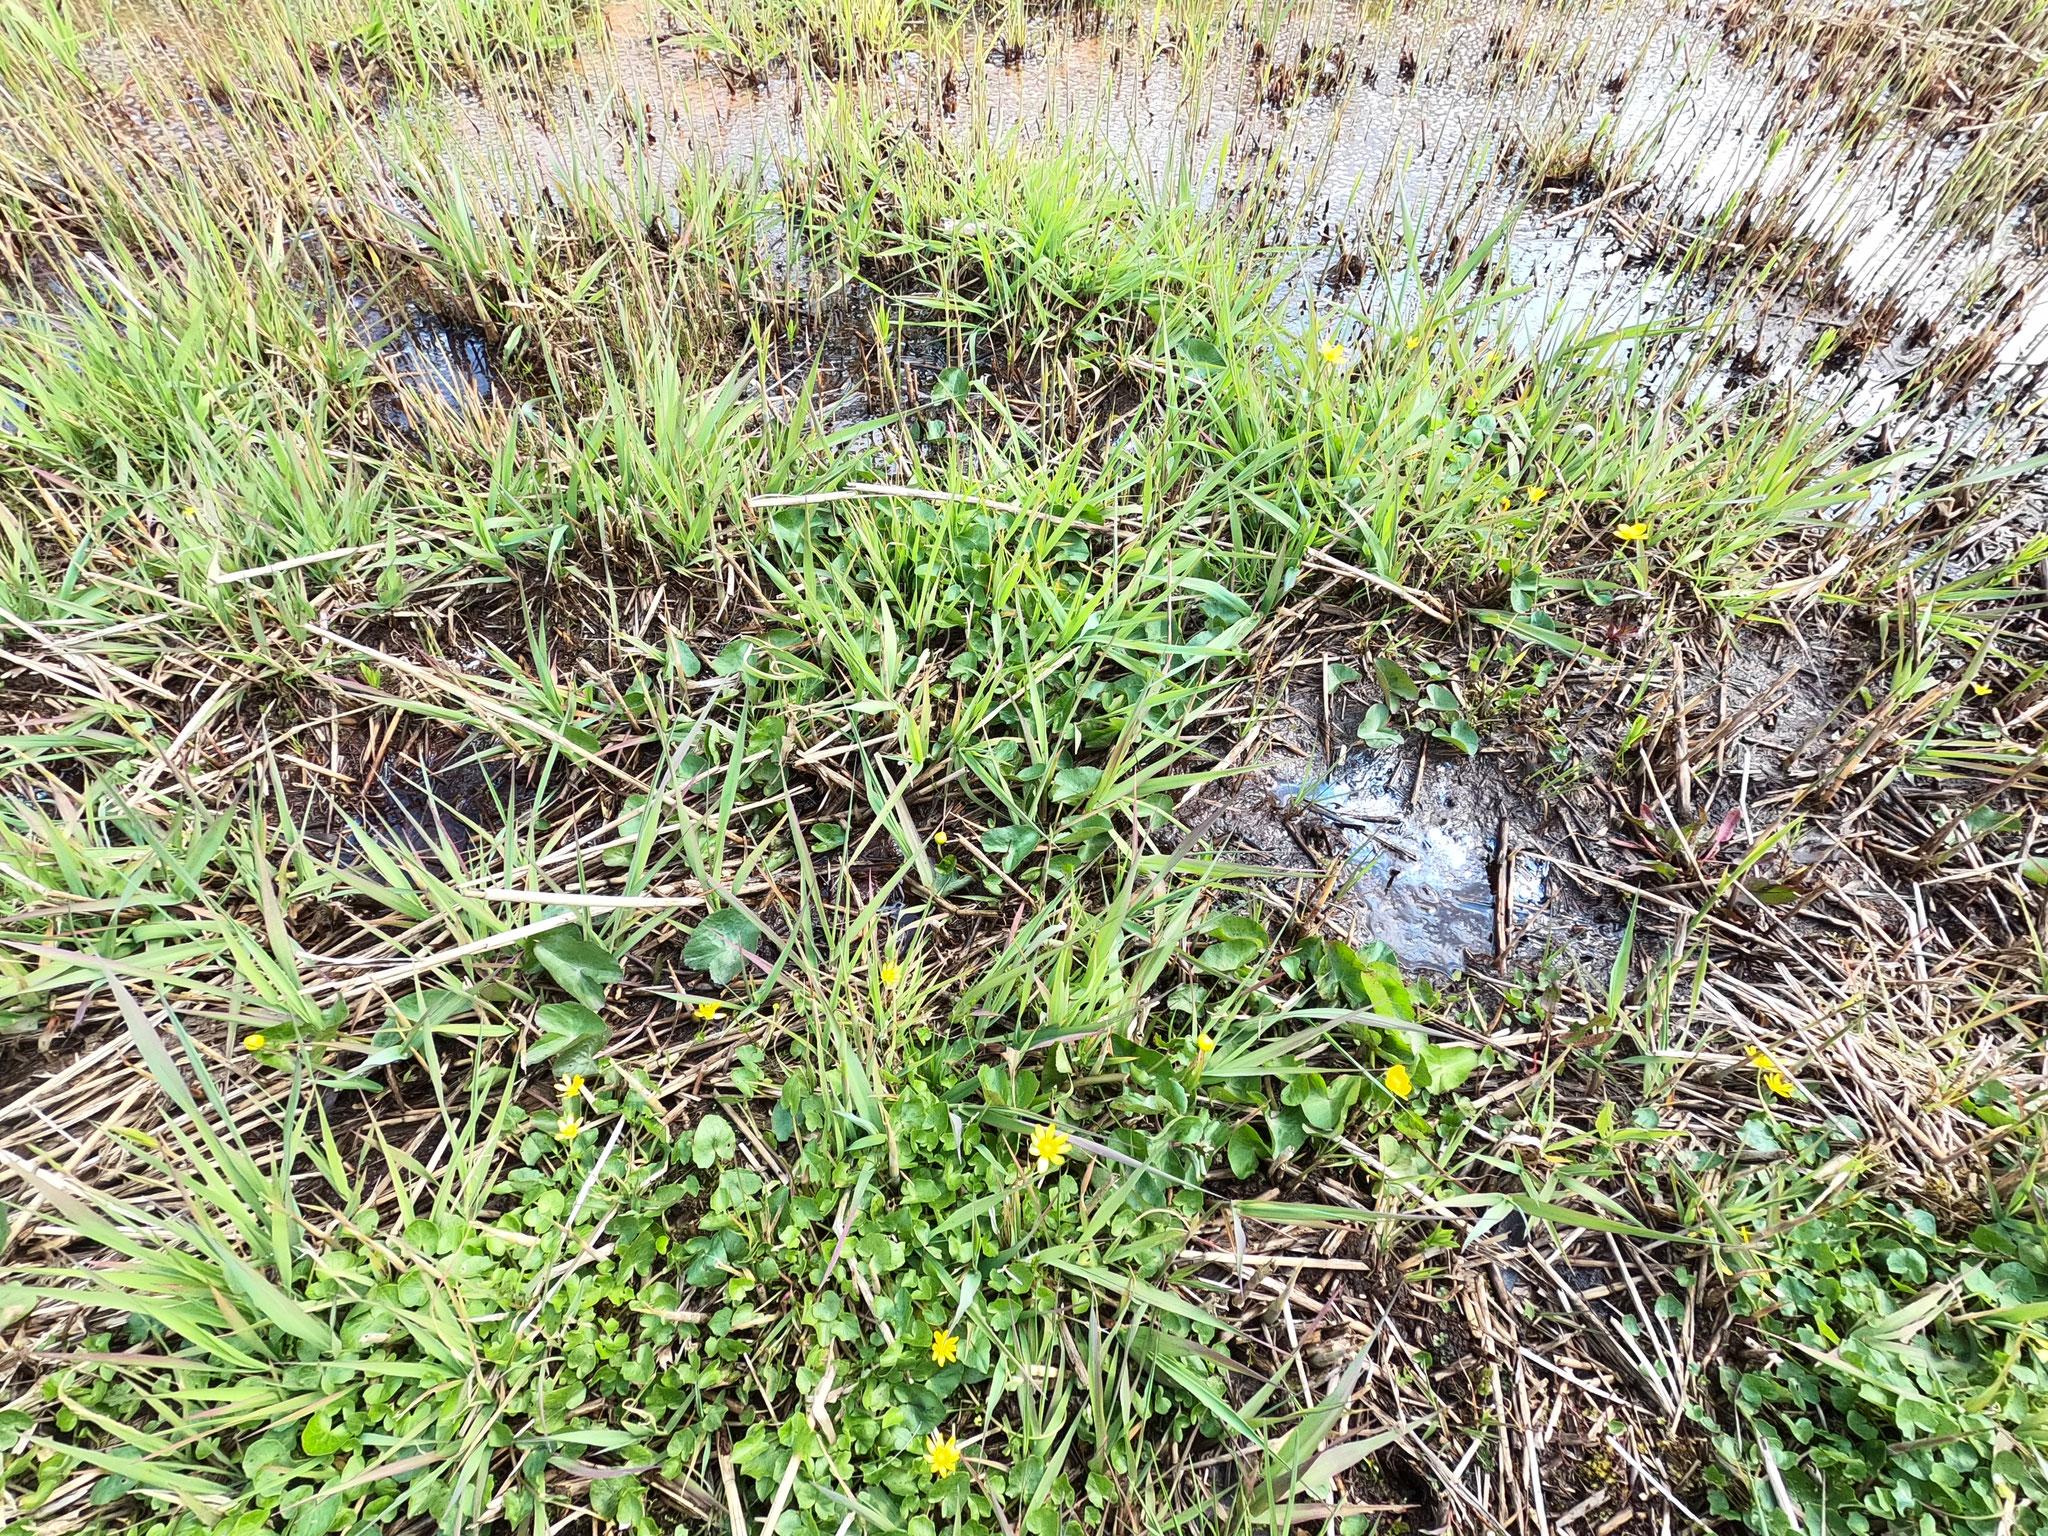 In der Bildmitte zahlreiche Jungpflanzen der Sumpfdotterblume; im Vordergrund blühendes Scharbockskraut mit ähnlichen Blätter.